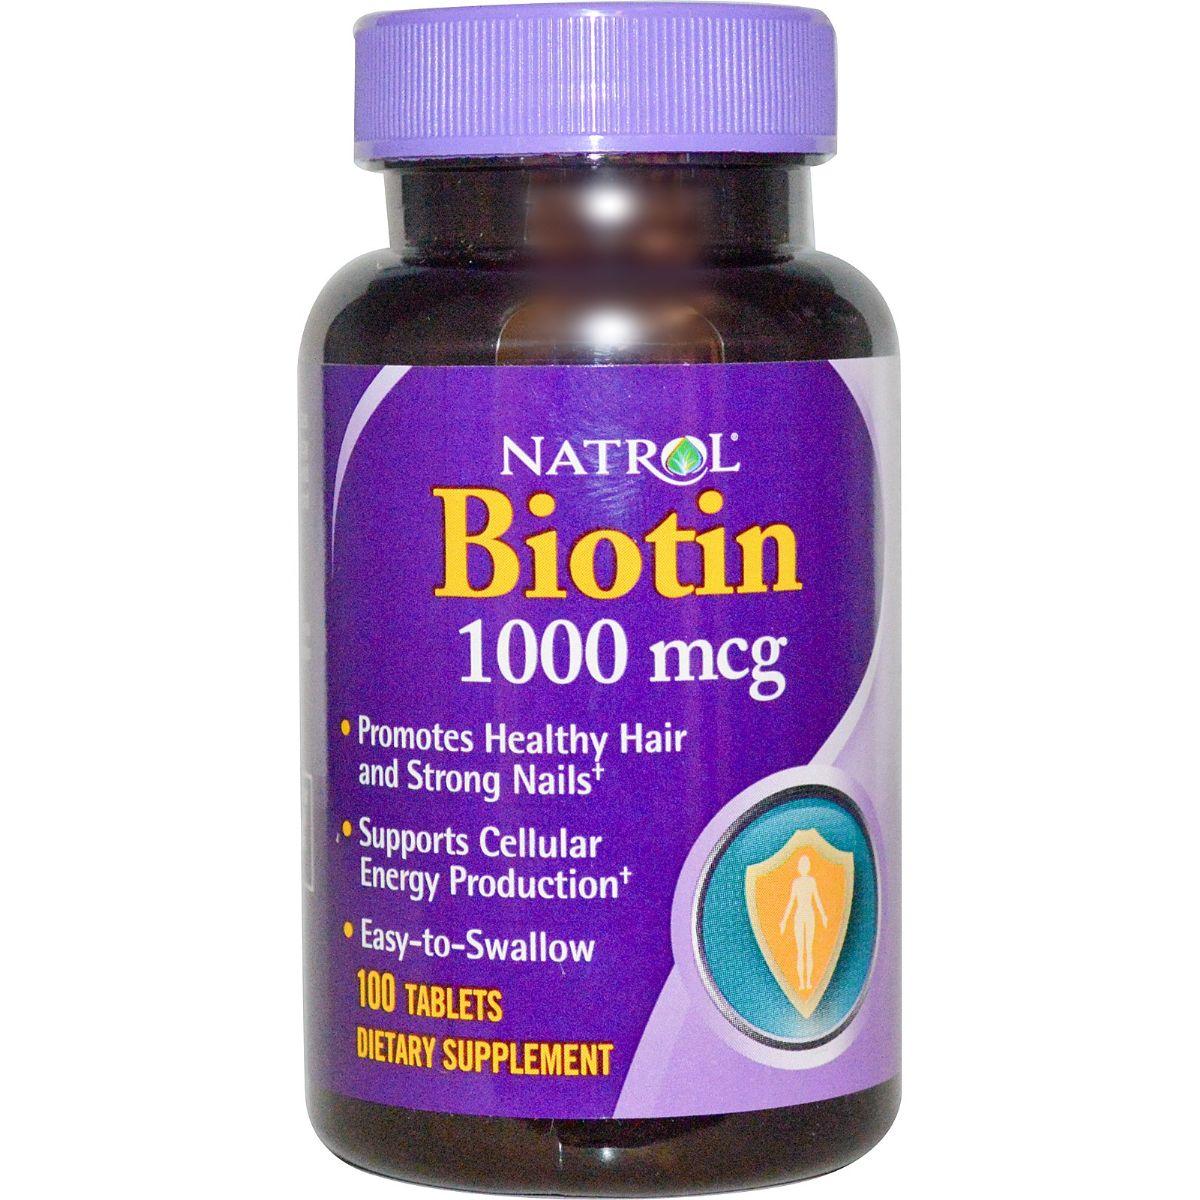 Natrol Biotin 1000 mcg – Viên uống kích thích mọc tóc và chăm sóc móng hiệu quả.